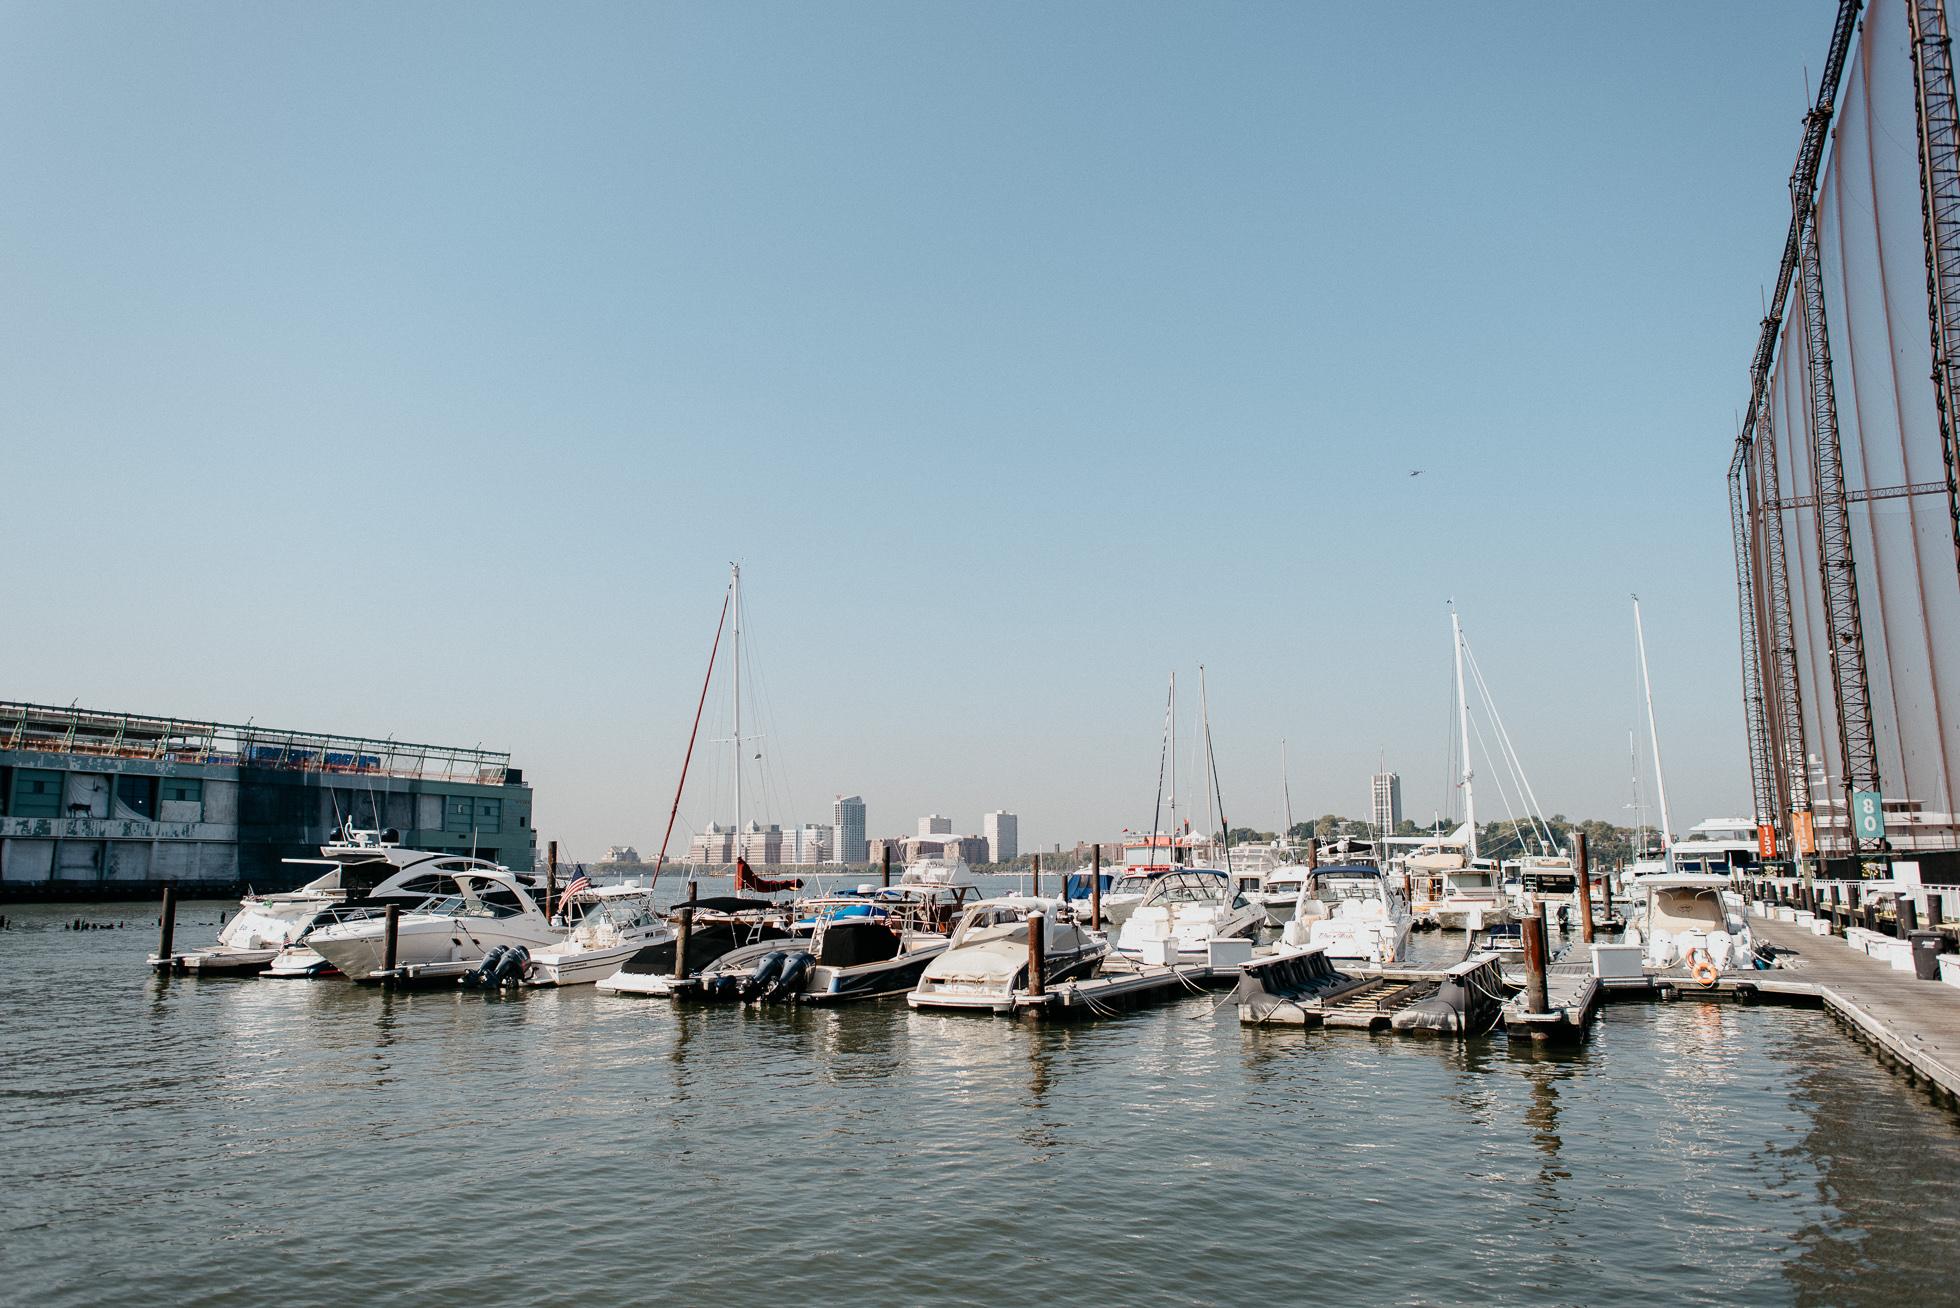 Chelsea Piers boat slips